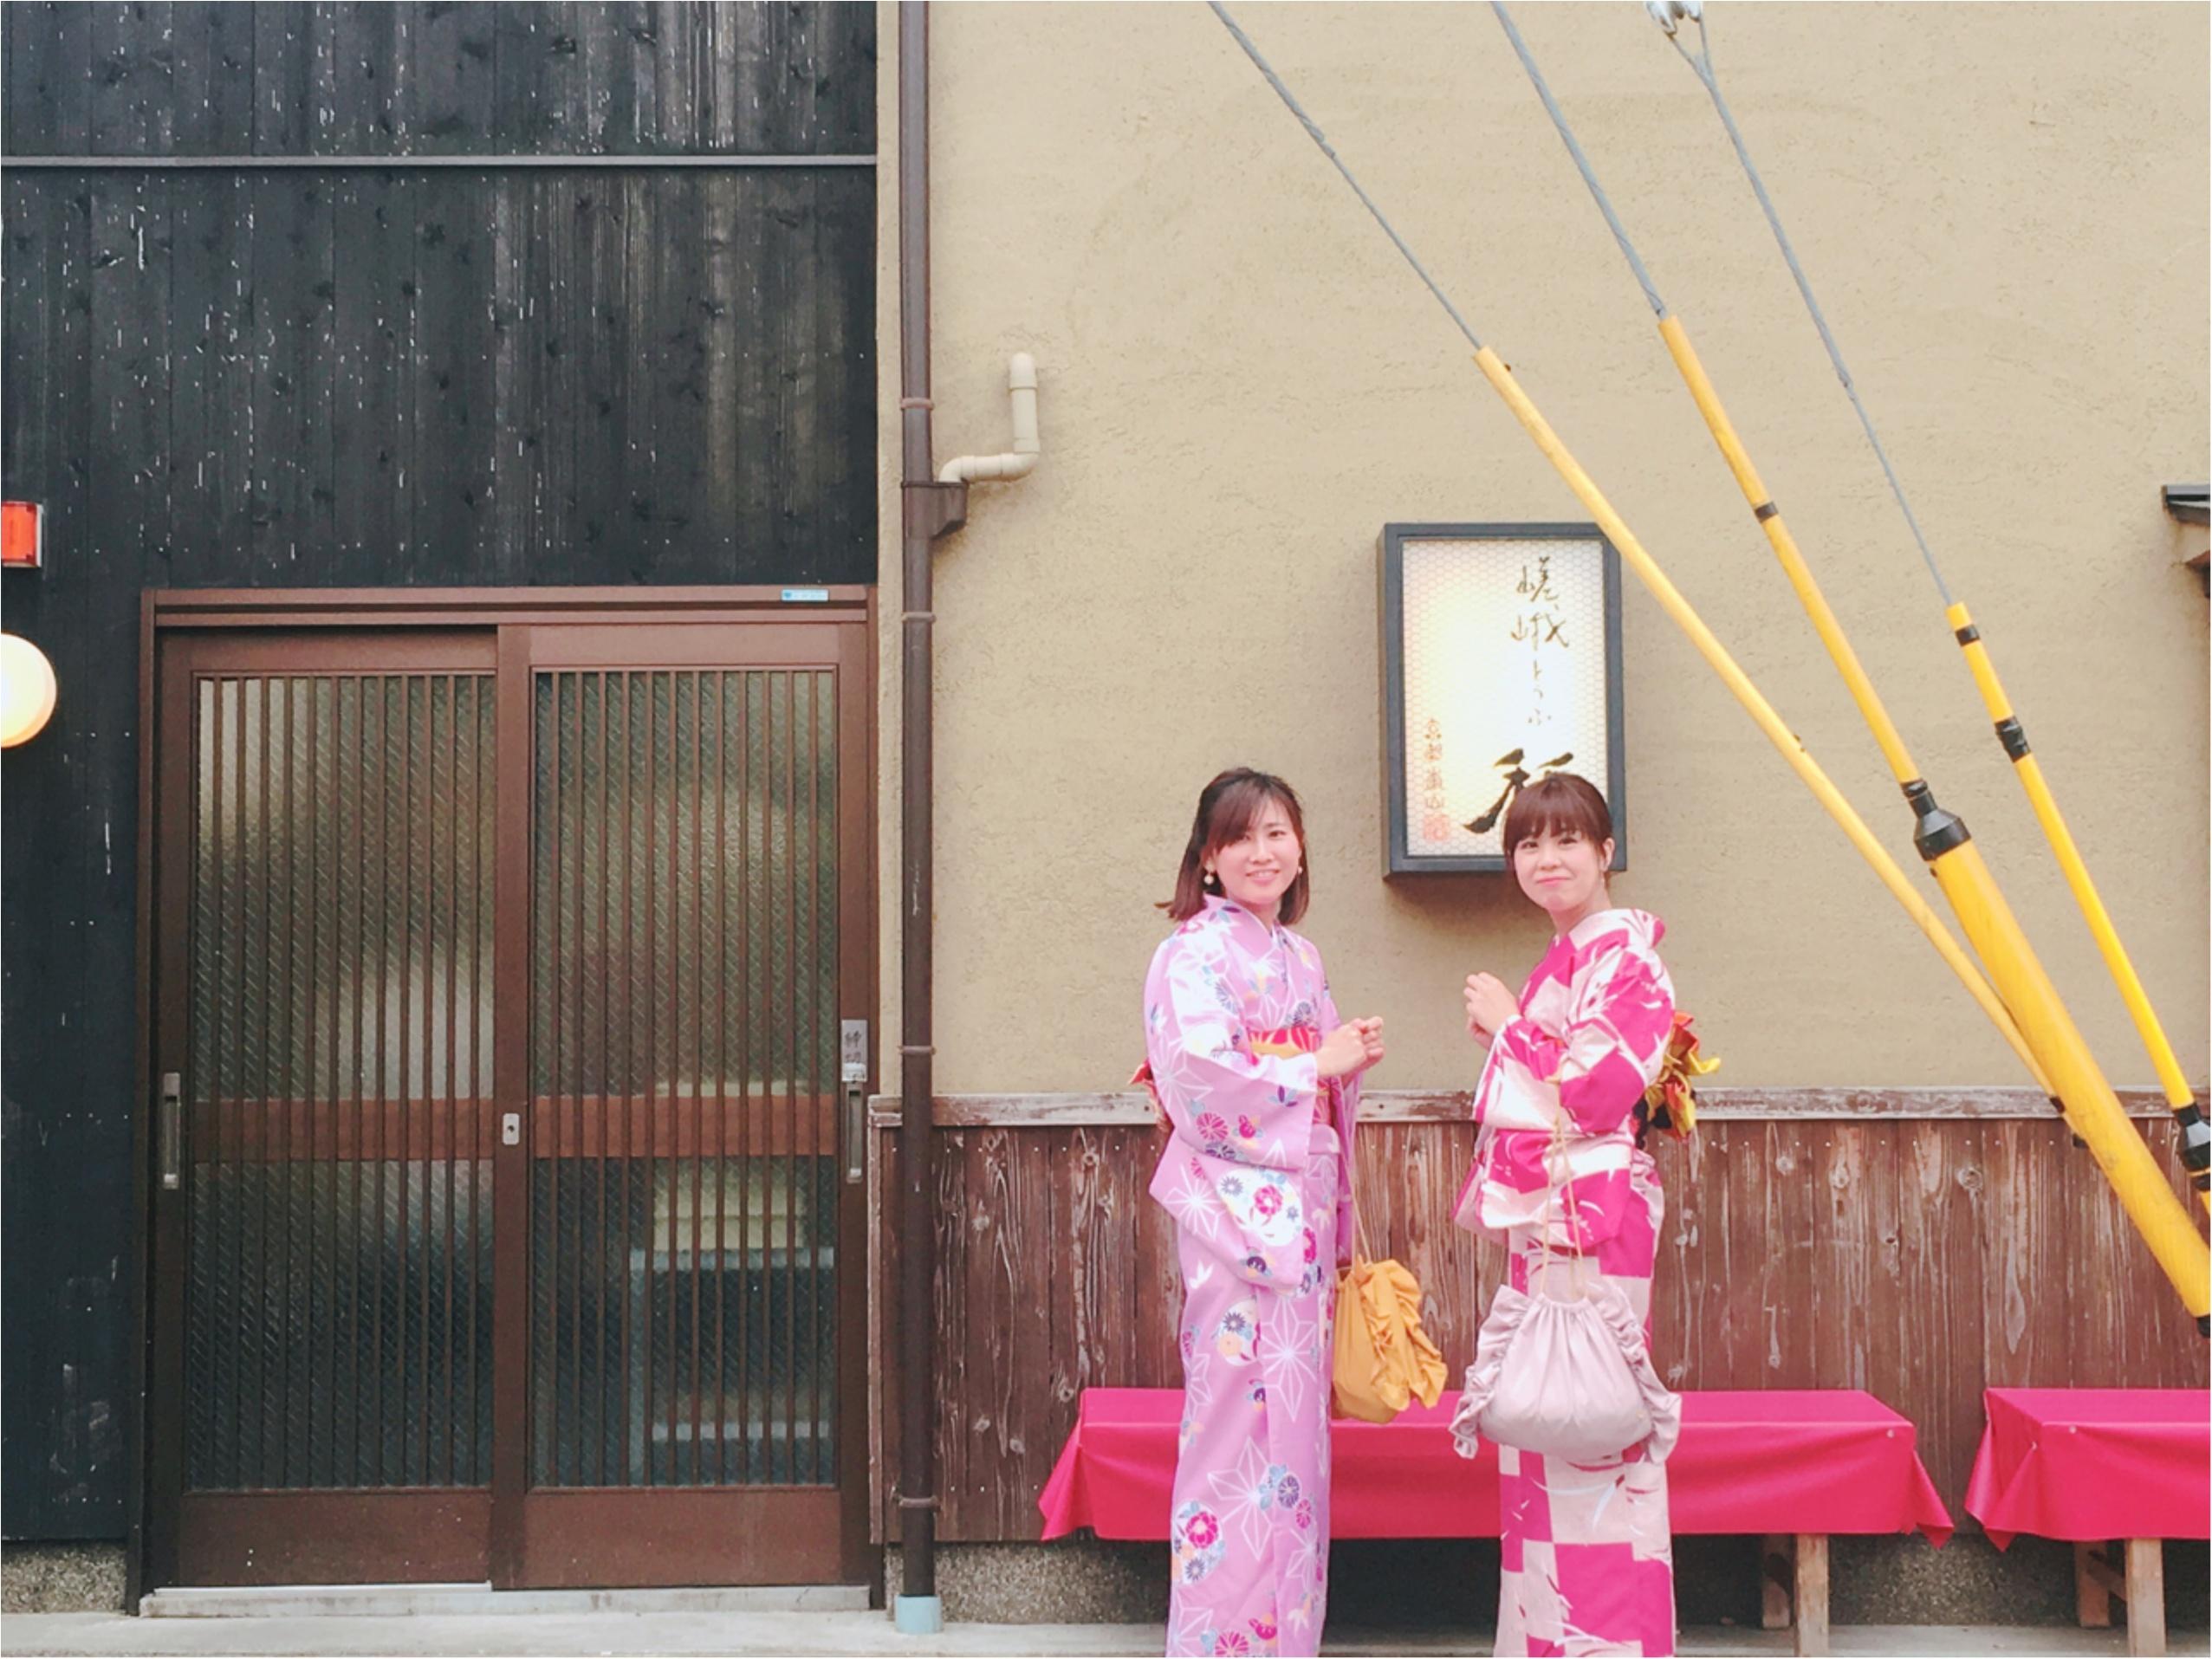 桜と紅葉だけじゃない!京都・嵐山のGW注目ポイントとは?_2